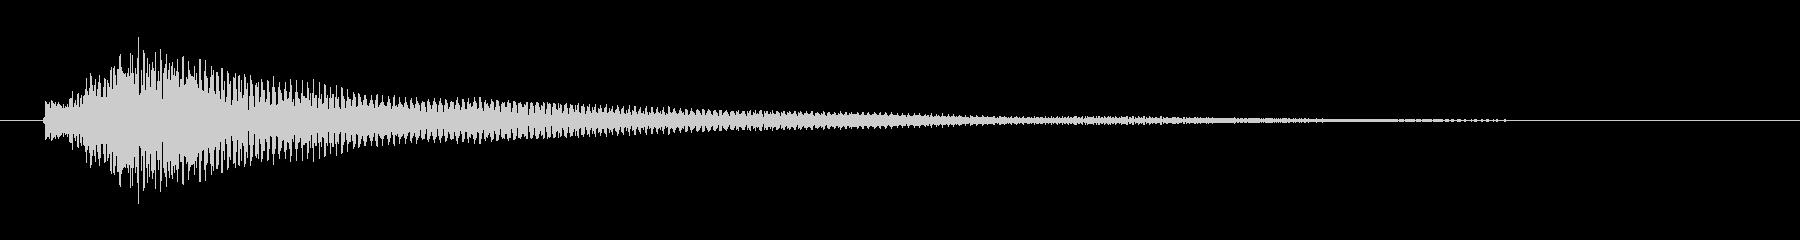 素材 ウエスタンギターストロークダ...の未再生の波形